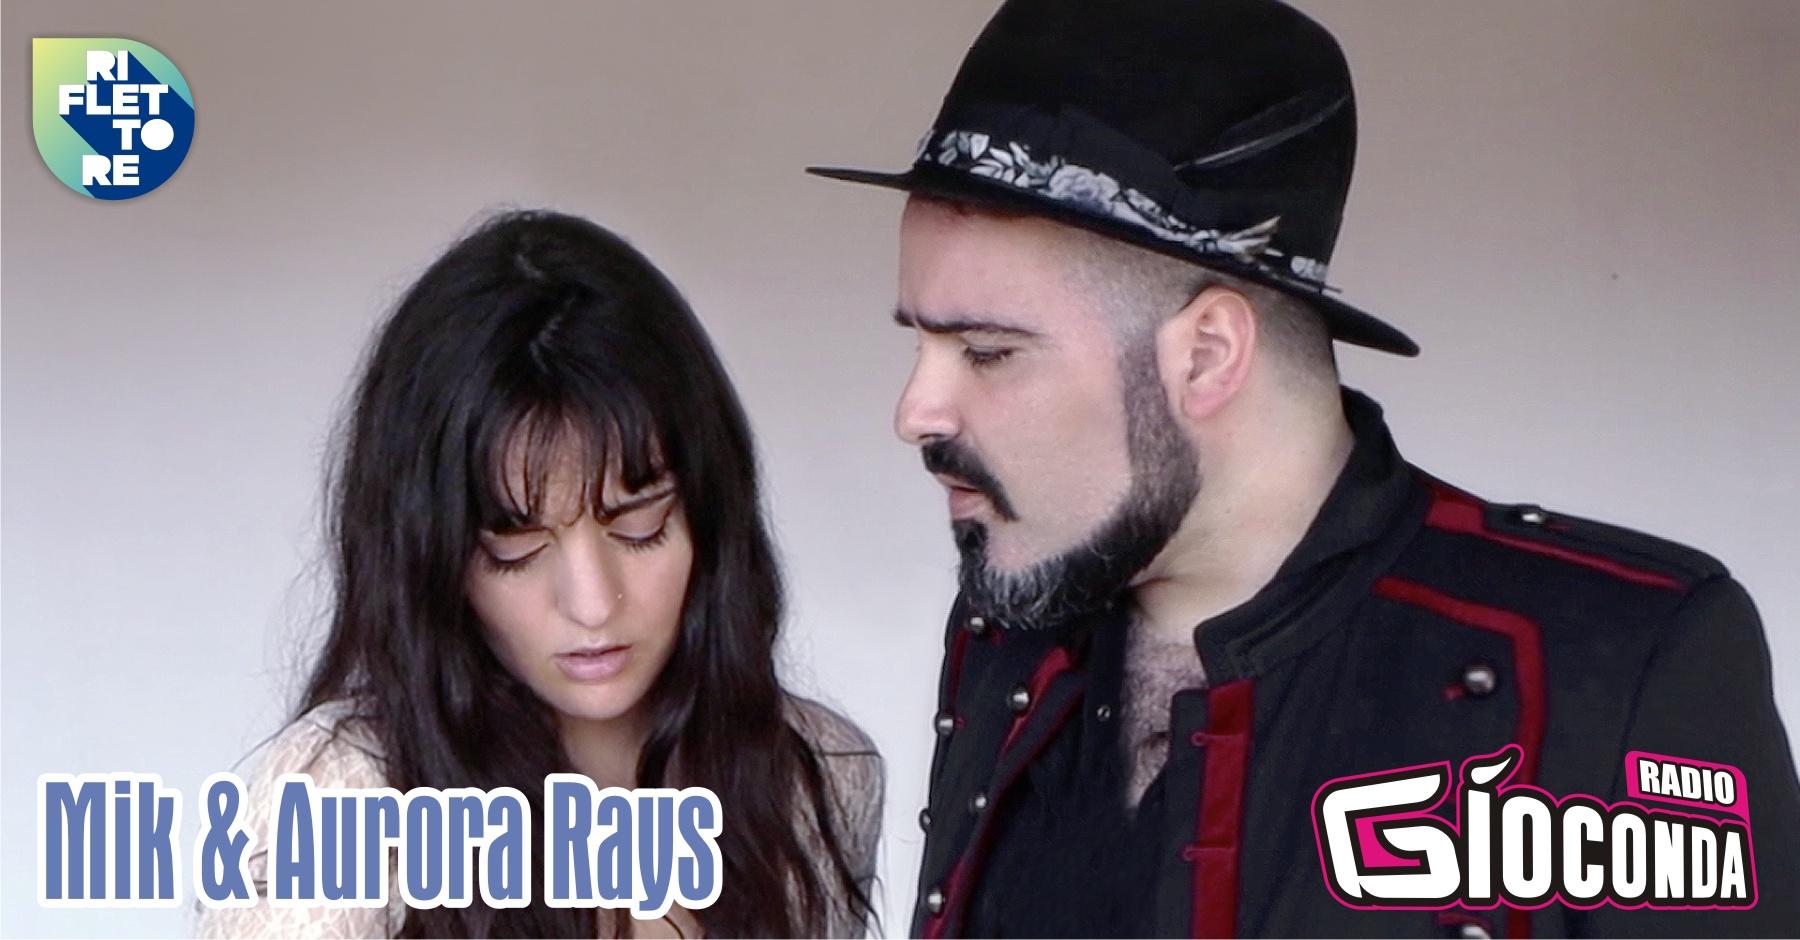 """I fratelli Mik e Aurora Rays, entrambi cantautori, saranno i protagonisti della puntata del 23 aprile di """"Riflettore"""", la trasmissione dedicata alla musica che nasce in Friuli-Venezia Giulia. Il 16 aprile scorso hanno pubblicato """"Even When"""", una ballad malinconica pop/rock di stampo classico che parla della forte e reale paura di perdere qualcuno che si ama più di noi stessi. E'la prima volta che i due fratelli incidono un singolo nel quale cantano assieme, in passato lo hanno fatto soltanto in ocassioni live. Mik è l'autore di """"Even When"""" A scrivere testo e musica del brano, in un momento molto delicato e drammatico della sua vita, è Mik. «Quando hai tutto, hai tutto da perdere – dichiara Mik – prima del virus, avevo già provato questa paura. Mio figlio era nato da 5 giorni e la mia compagna stava molto male. La febbre aveva superato i 40 e nemmeno i dottori sapevano spiegare l'infezione che la causava: ho creduto che ciò fosse dovuto a una complicazione legata al parto stesso. Così quella notte quando sono tornato a casa senza di lei e il mio piccolo ometto perché li avevano tenuti in osservazione in ospedale, ho pianto. Ho pianto guardando la nostra camera, piena di belle cose, ma vuota. Ed ho esorcizzato la paura finendo il testo per questa canzone, come facevo quando ero un ragazzino e attutivo il mondo su fogli a righe». Il video del brano, la cui regia è dei due fratelli, è disponibile su YouTube."""